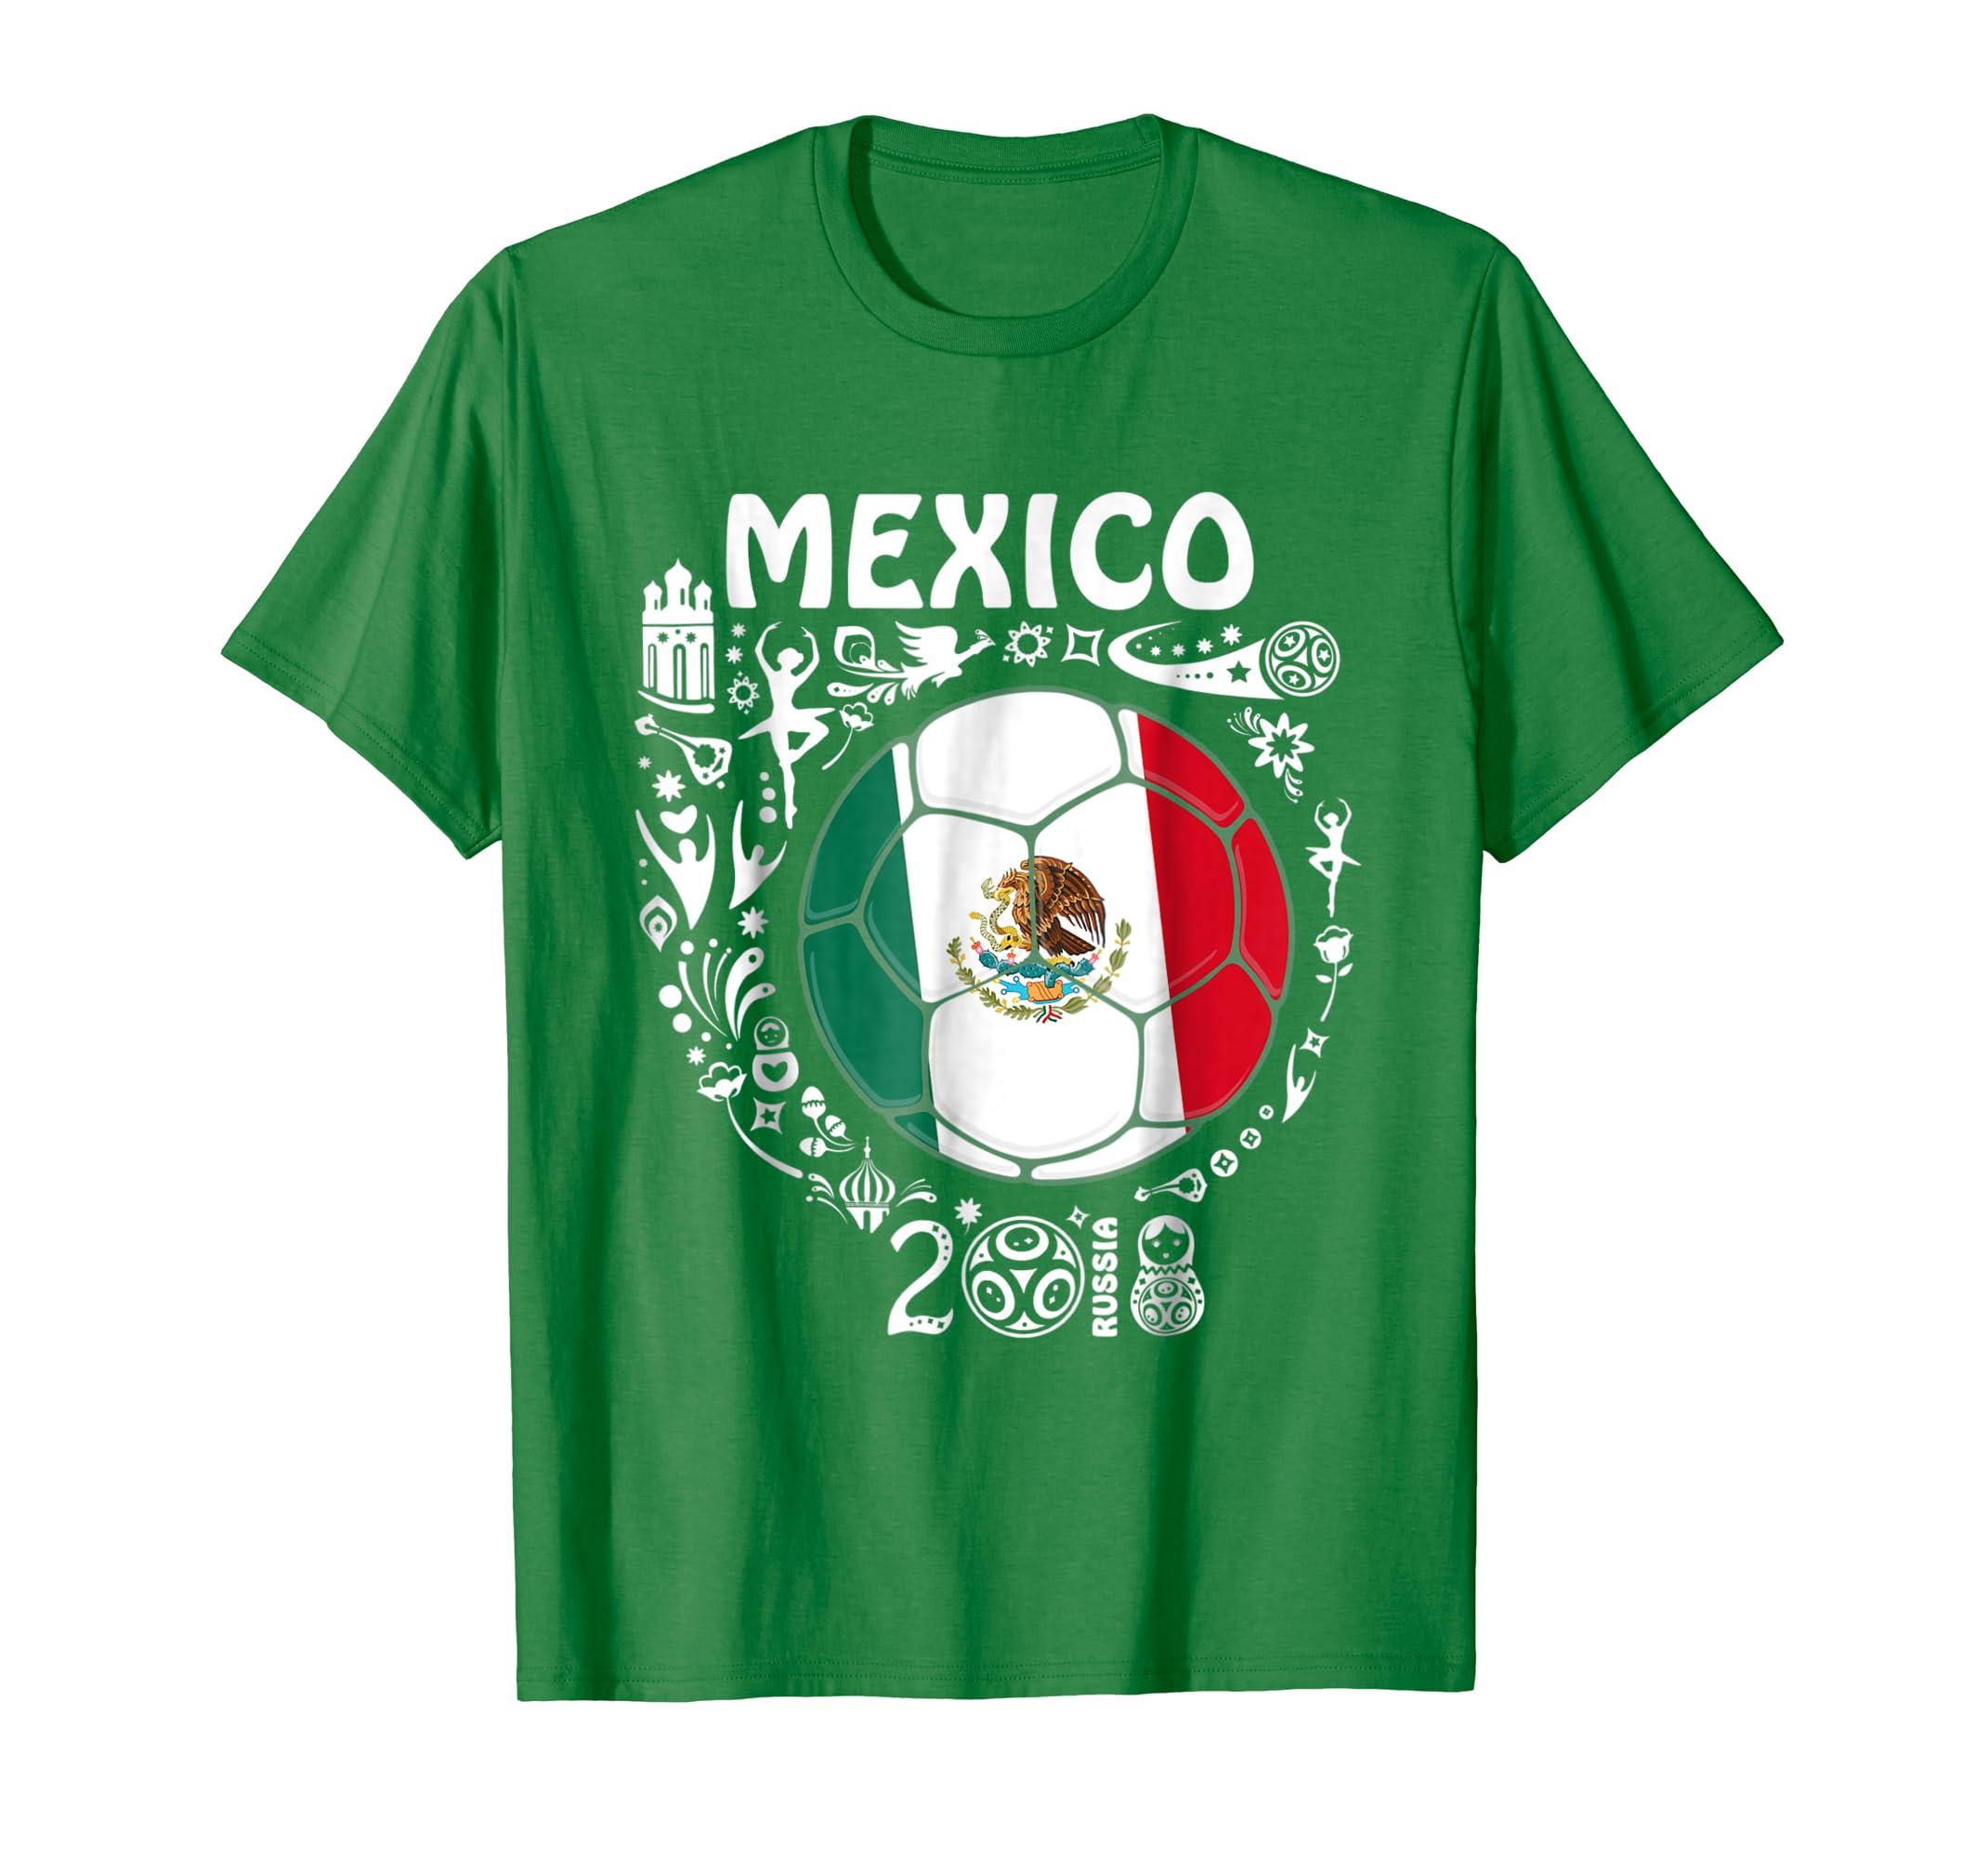 645f1ffc4 Mexico Jersey T Shirt 2018 Soccer Team men women kids-prm – Paramatee